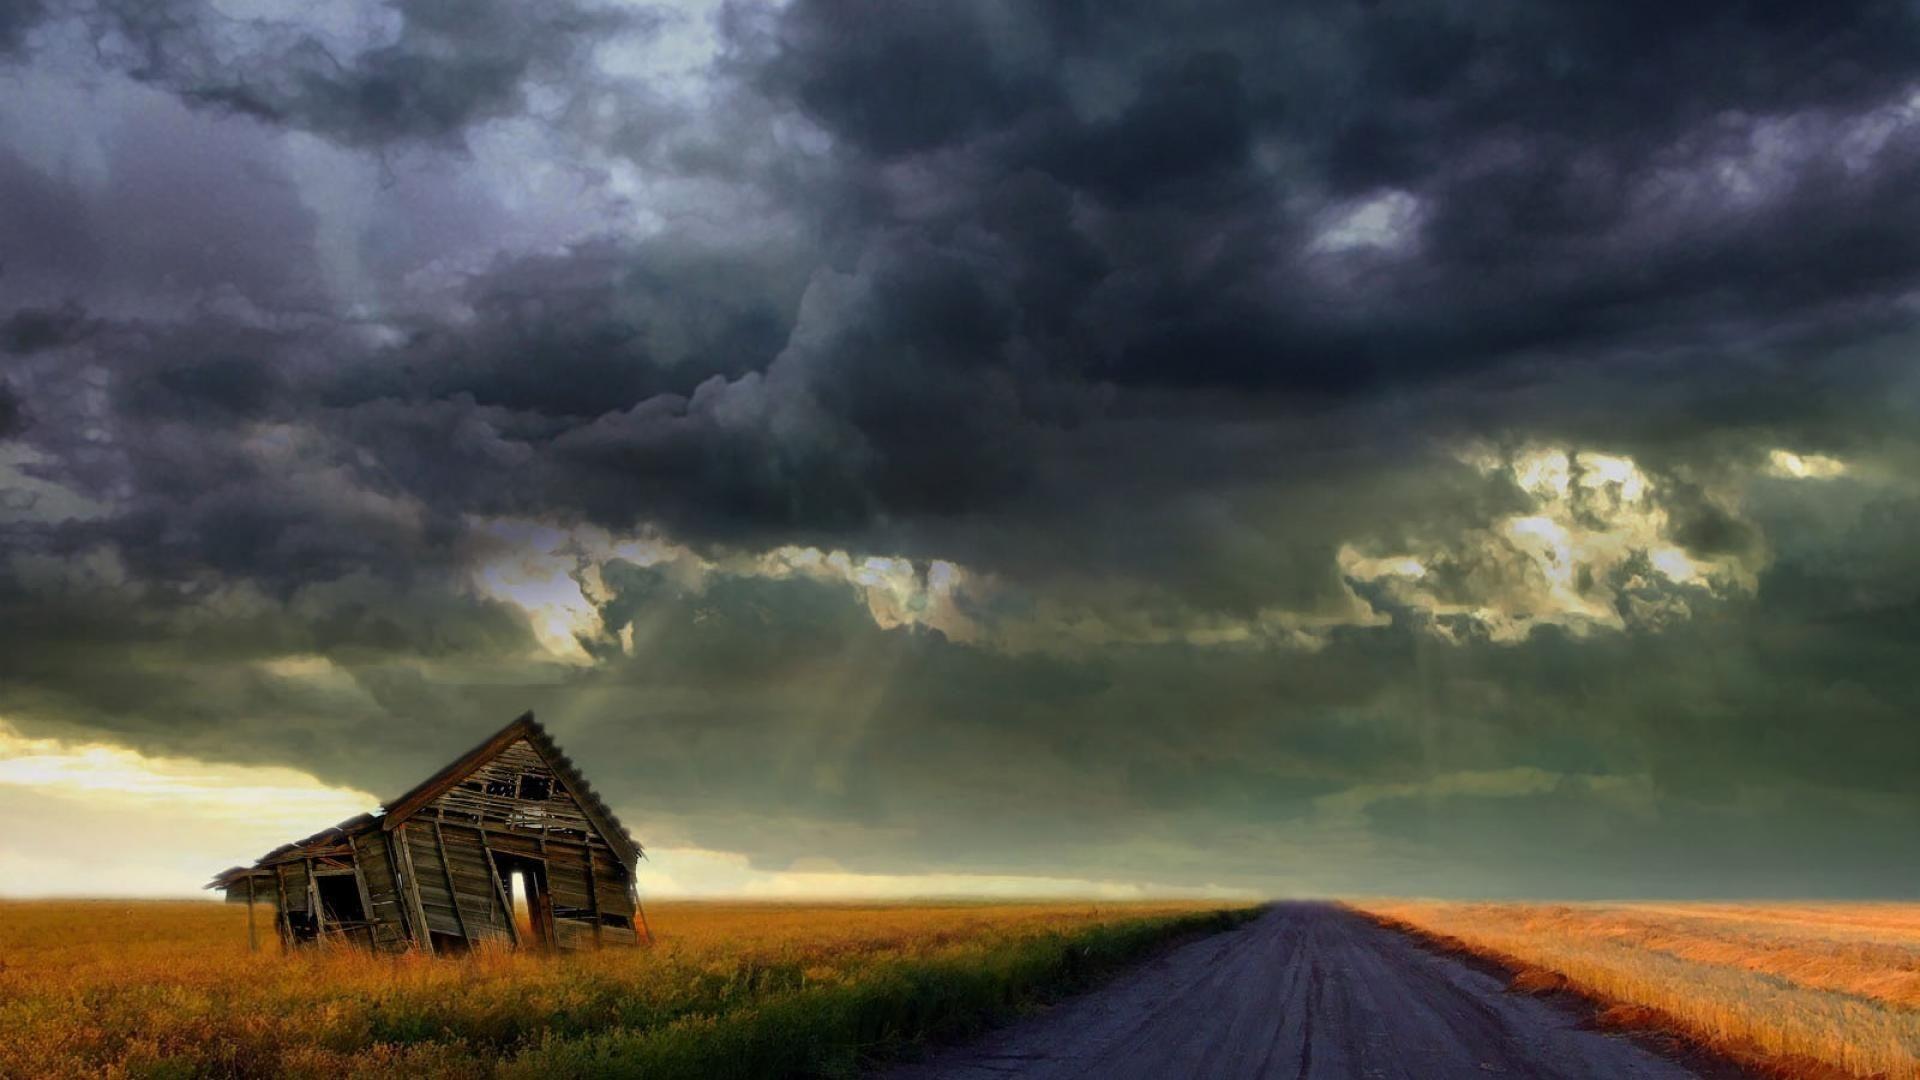 Res: 1920x1080, Thunderstorm Wallpapers - WallpaperSafari